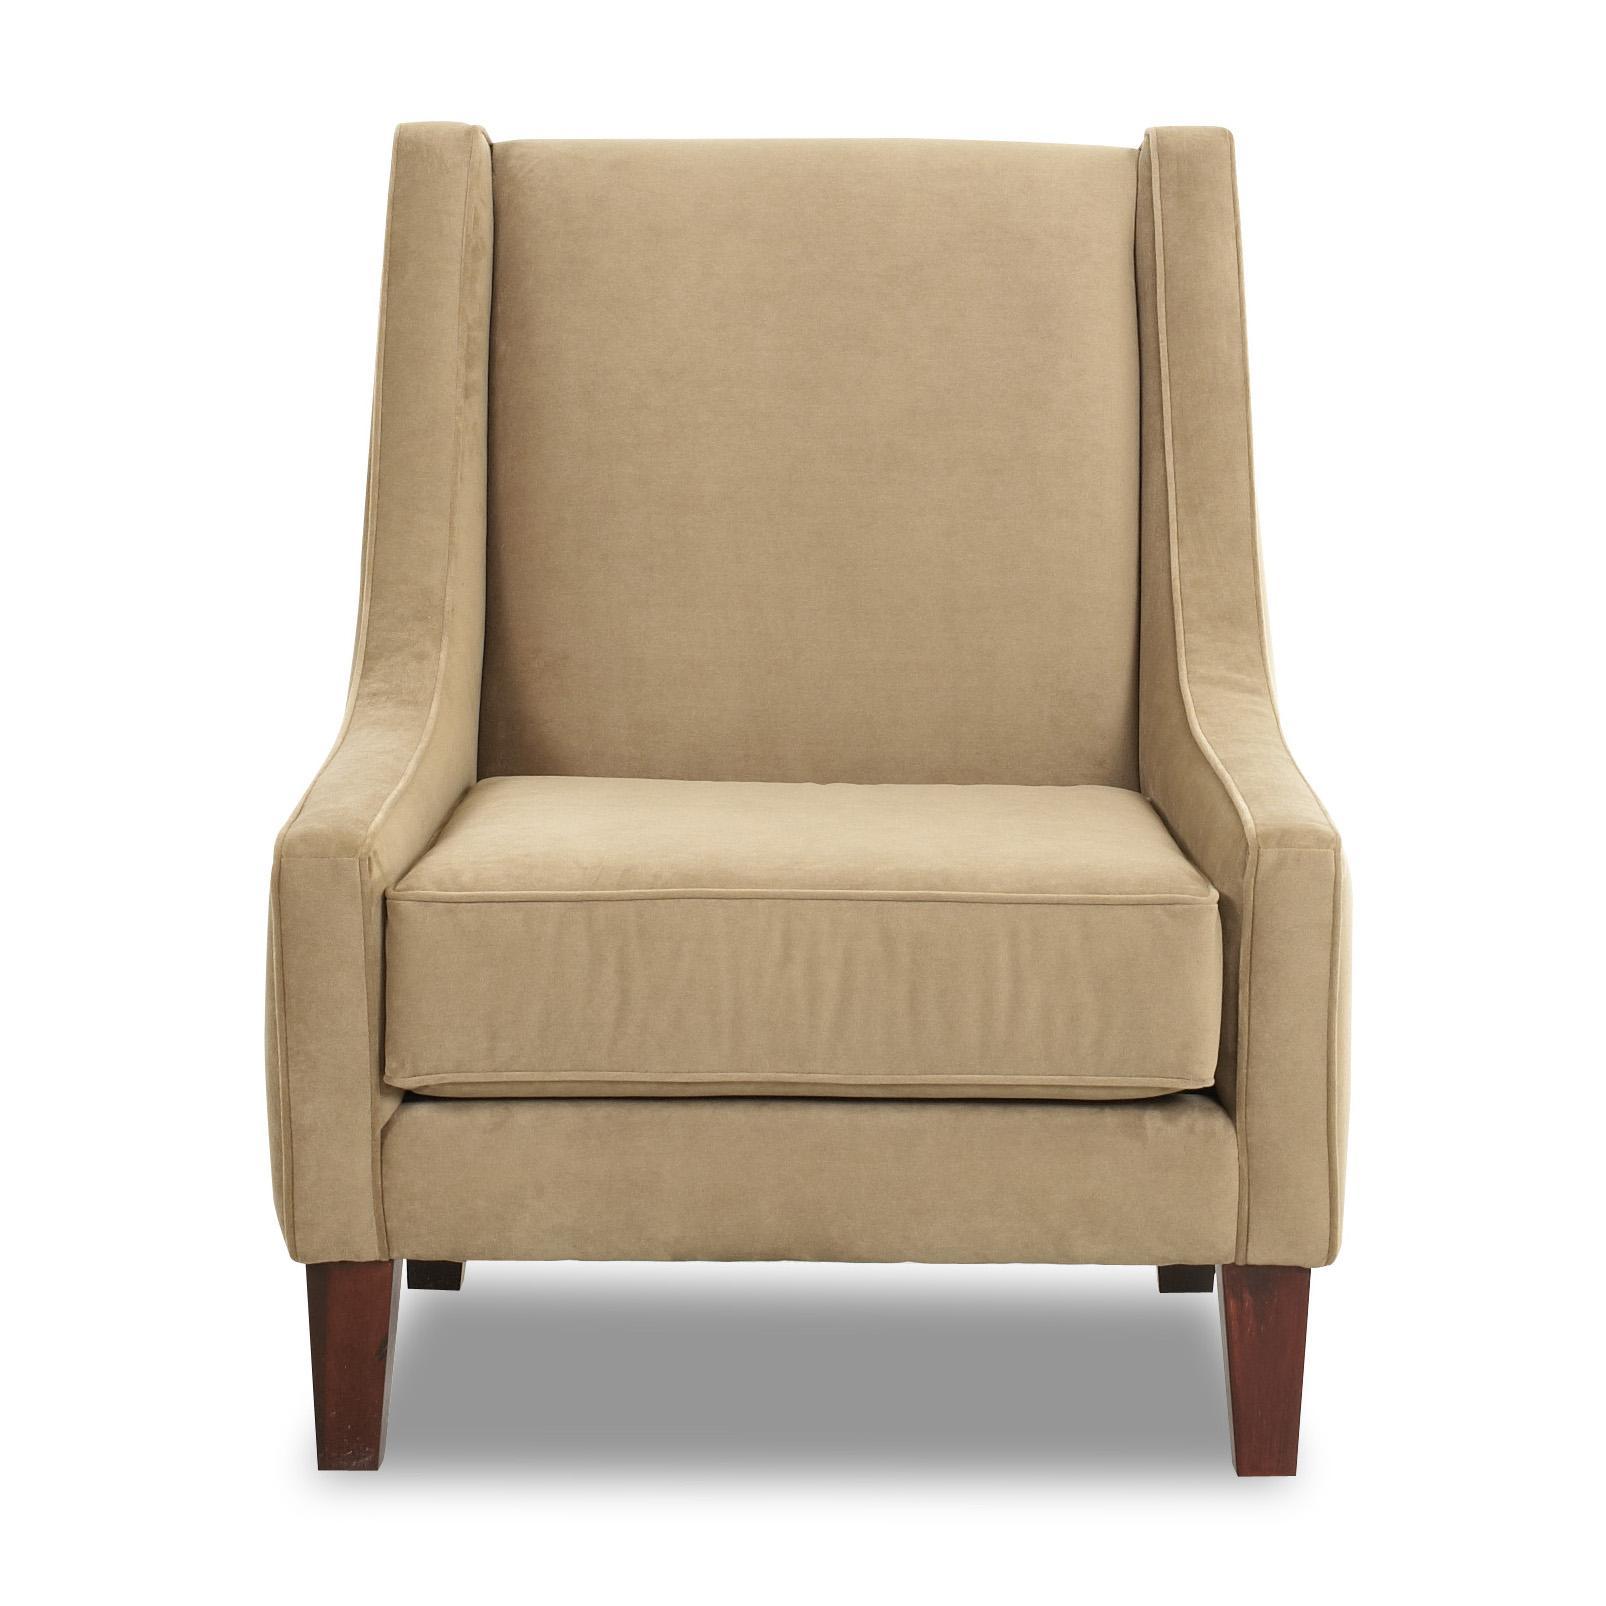 Superieur Matrix Accent Chair